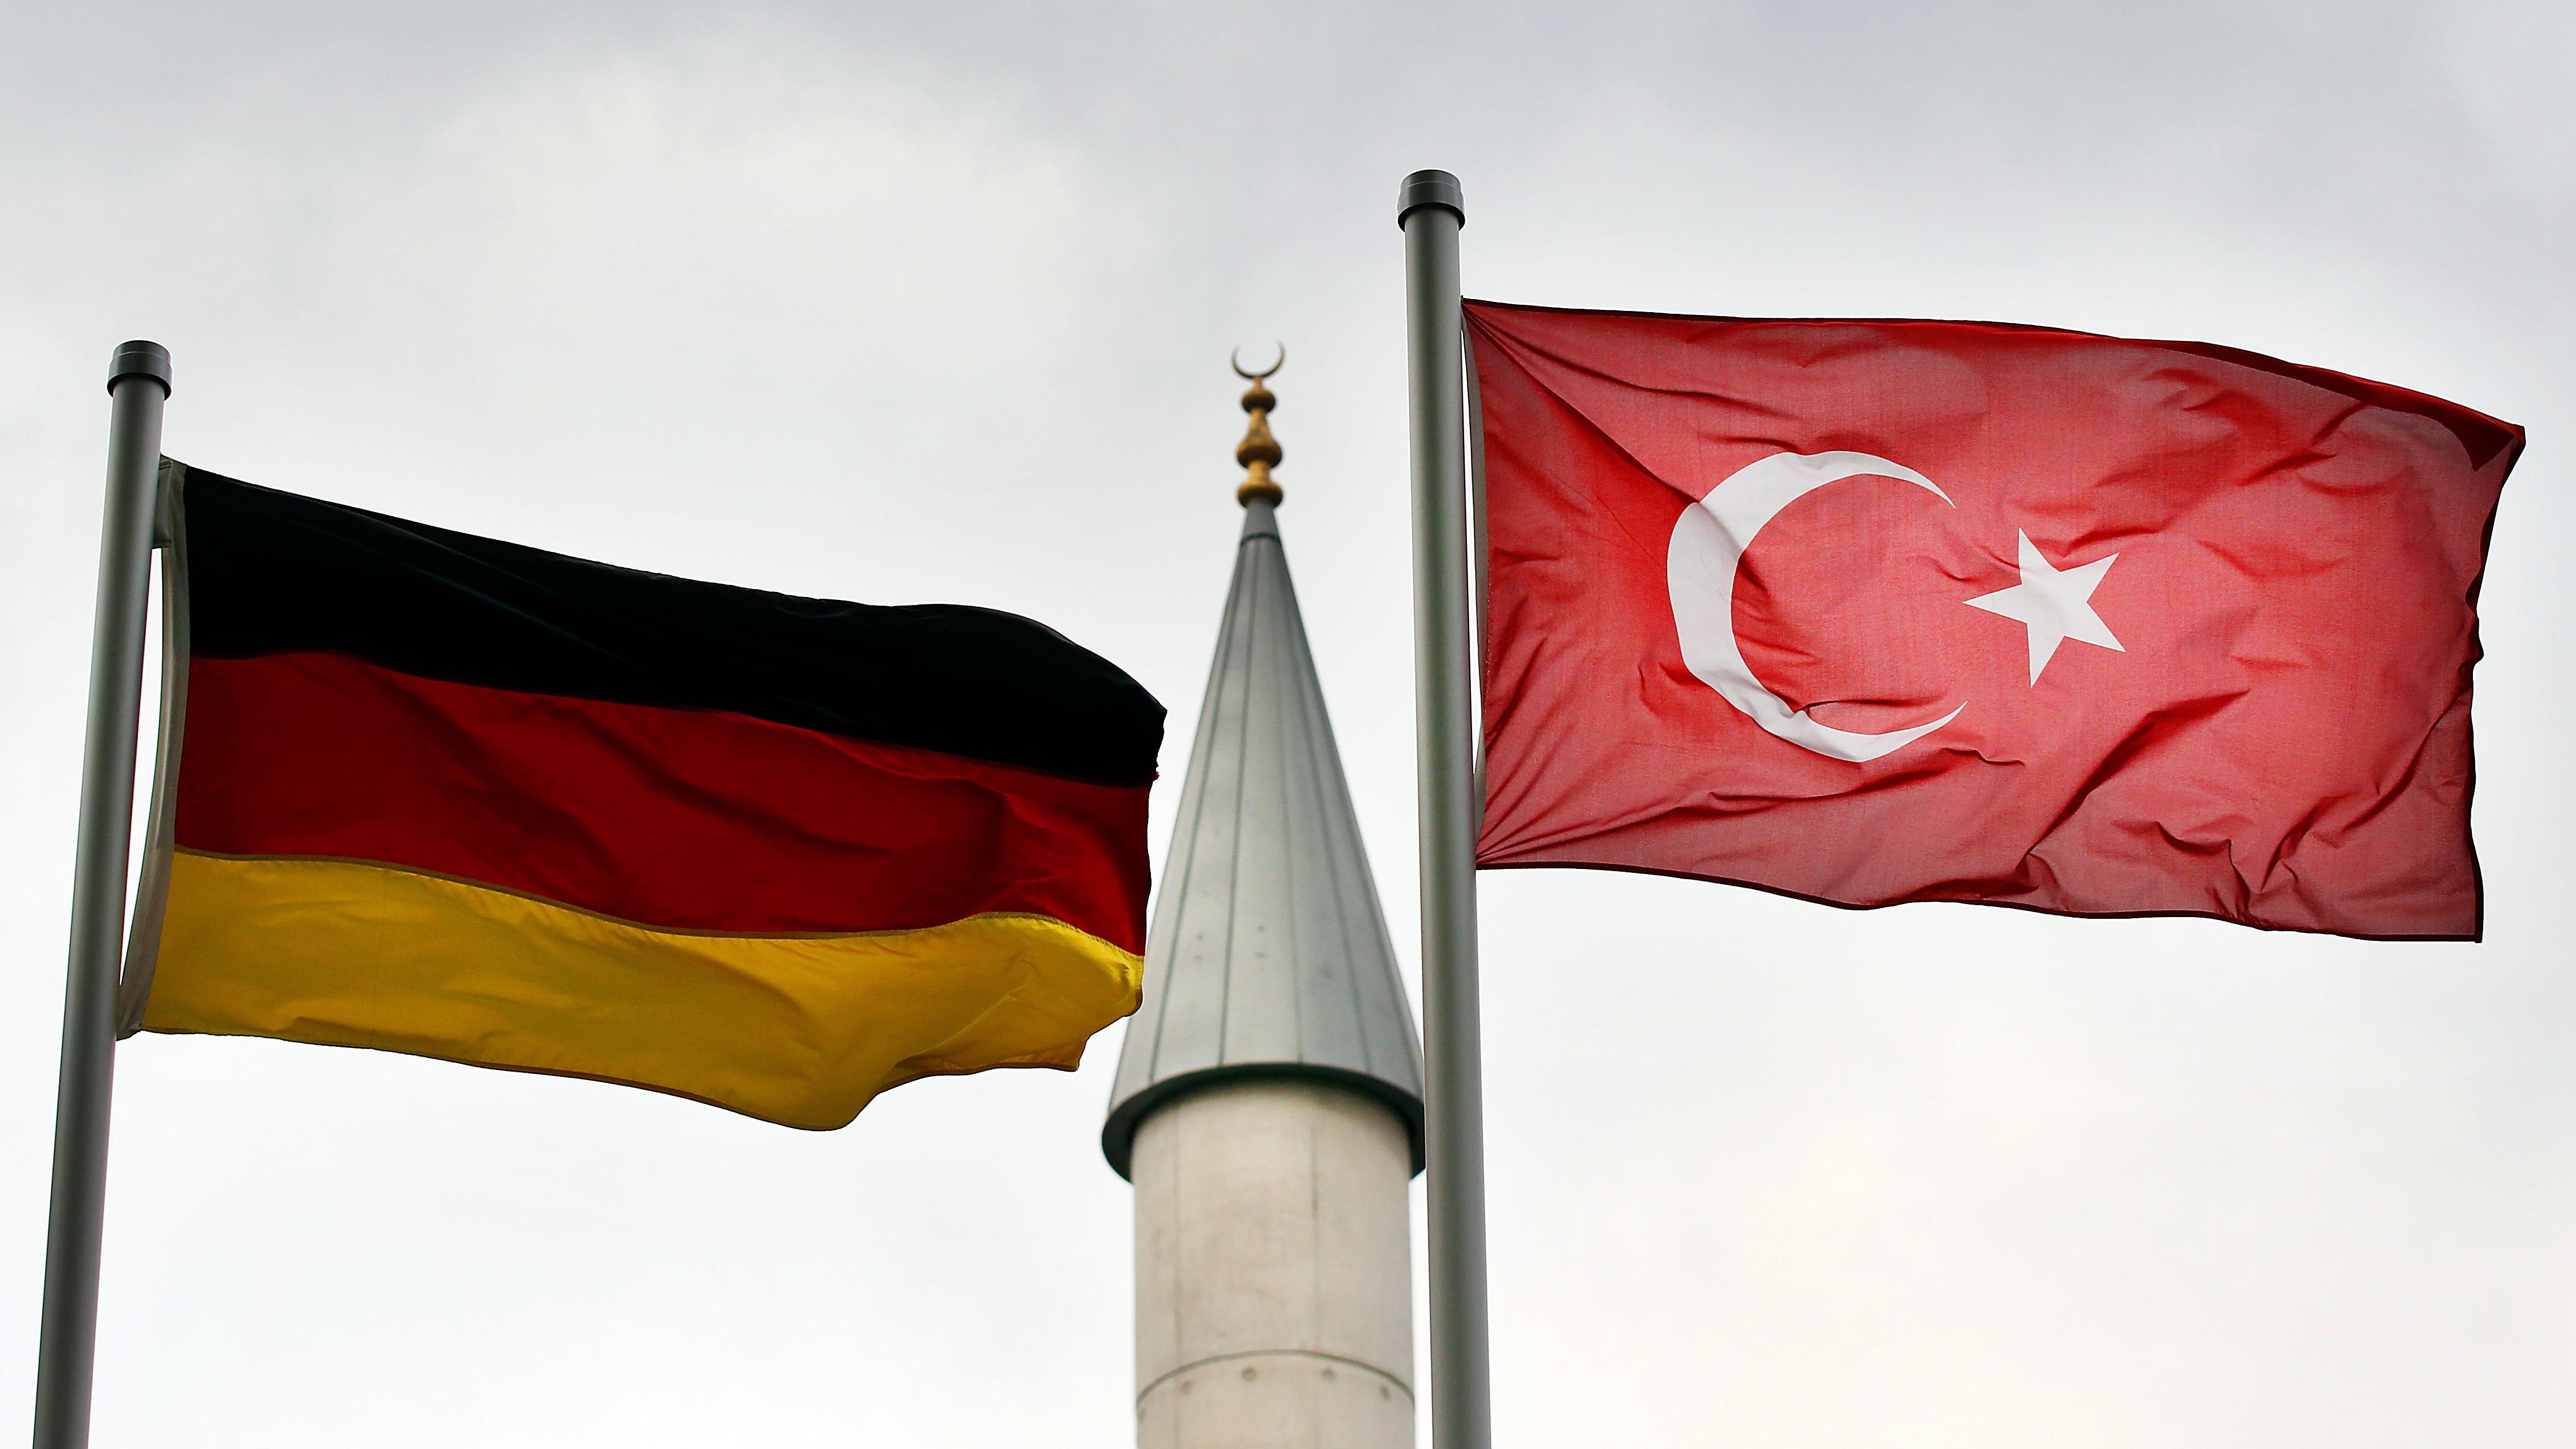 Eine deutsche und eine türkische Fahne wehen vor dem Minarett einer Moschee (Symbolbild).